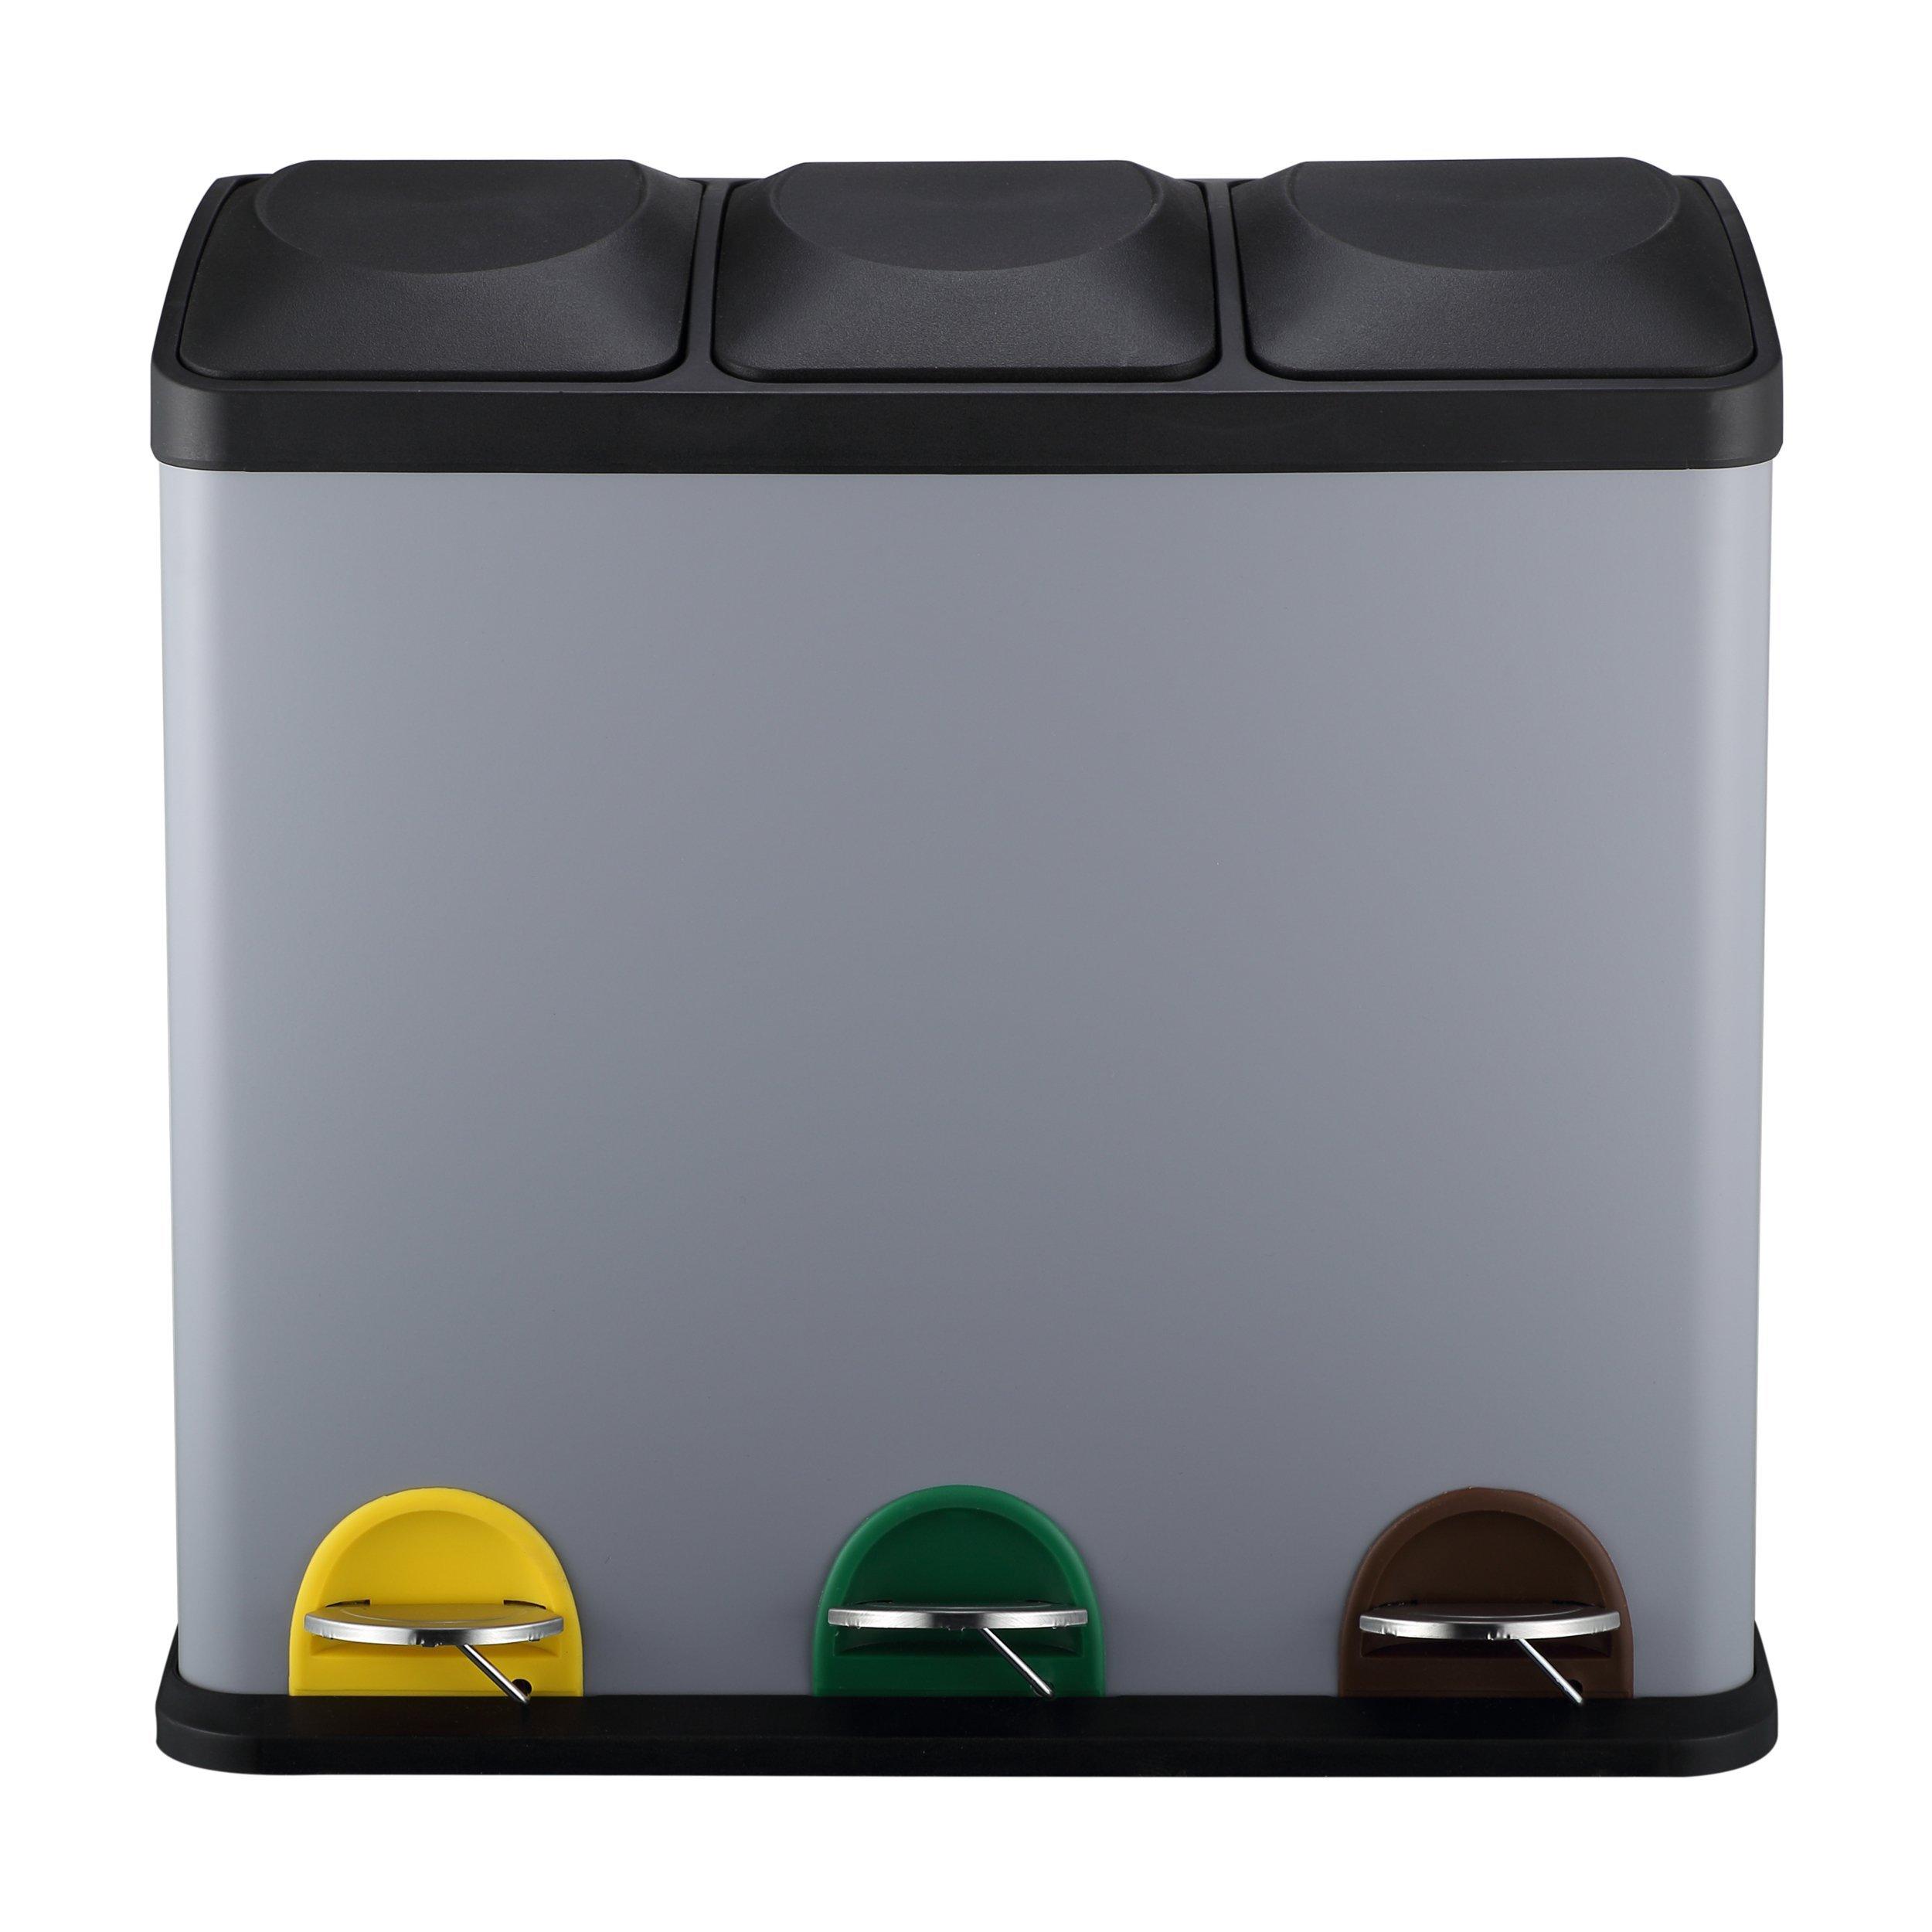 MARI HOME Poubelle Triple Grande Taille   54L (18L X 3) Bac de Recyclage en Acier avec 3 Compartiments   Idéale pour la Cuisine, le Bureau & la Maison   Poubelle avec Pédale & Bacs Intérieurs   Matt Gris product image